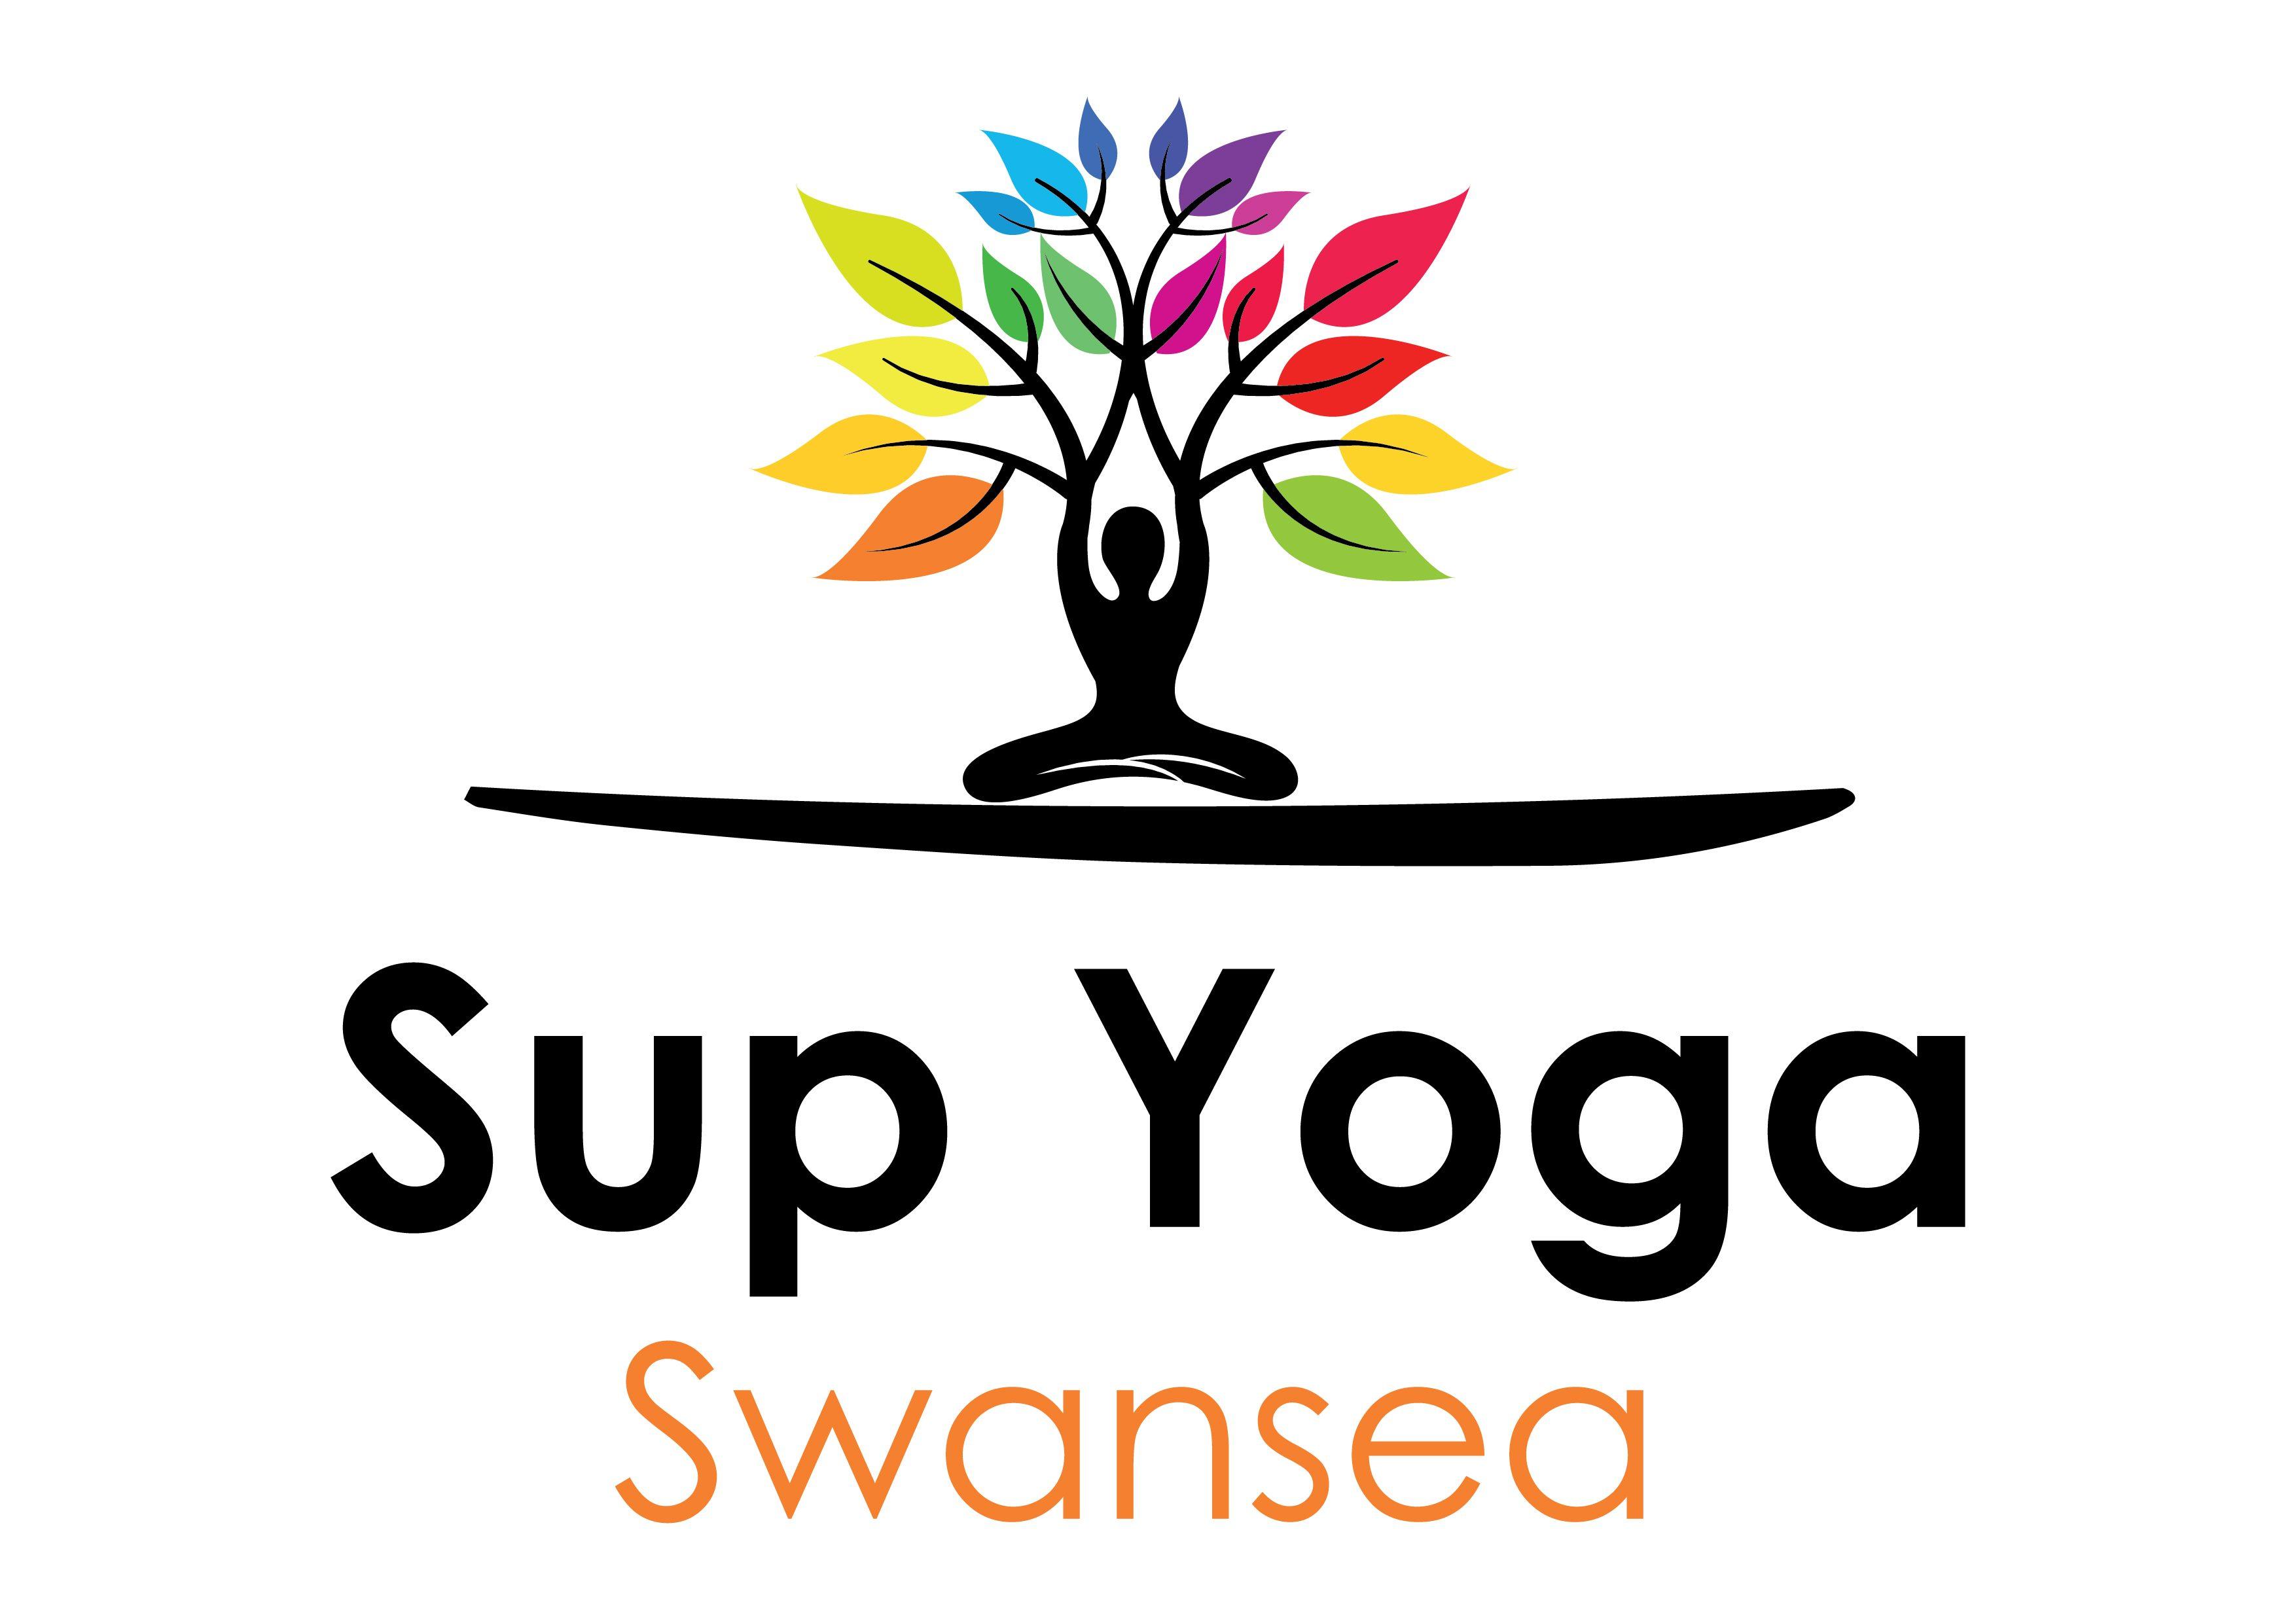 Sup yoga swansea